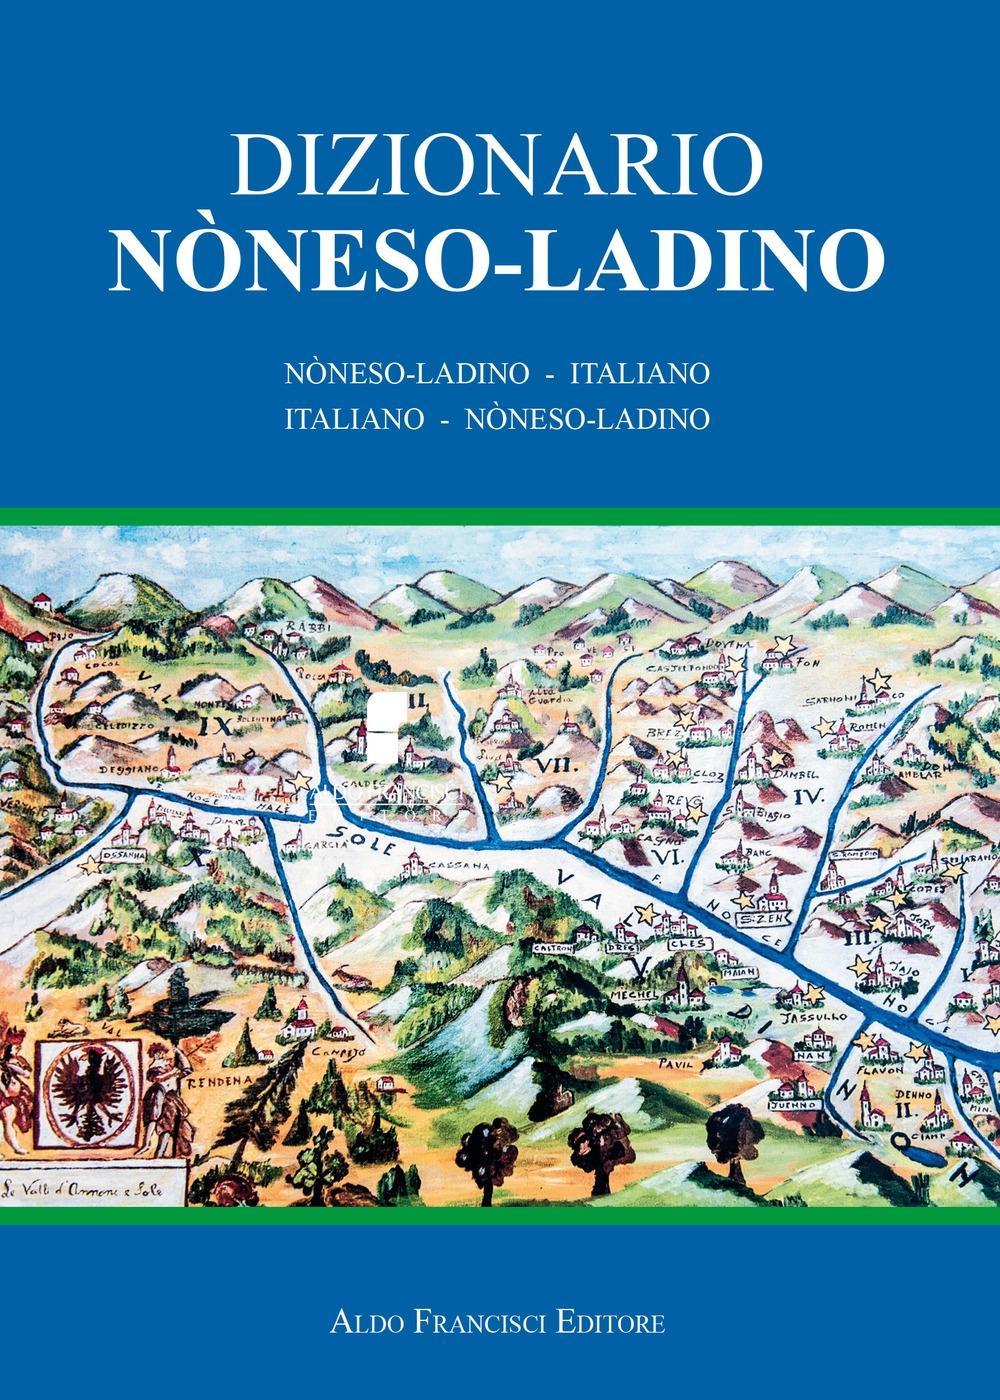 Dizionario noneso-ladino. Noneso-ladino - italiano e italiano - noneso-ladino